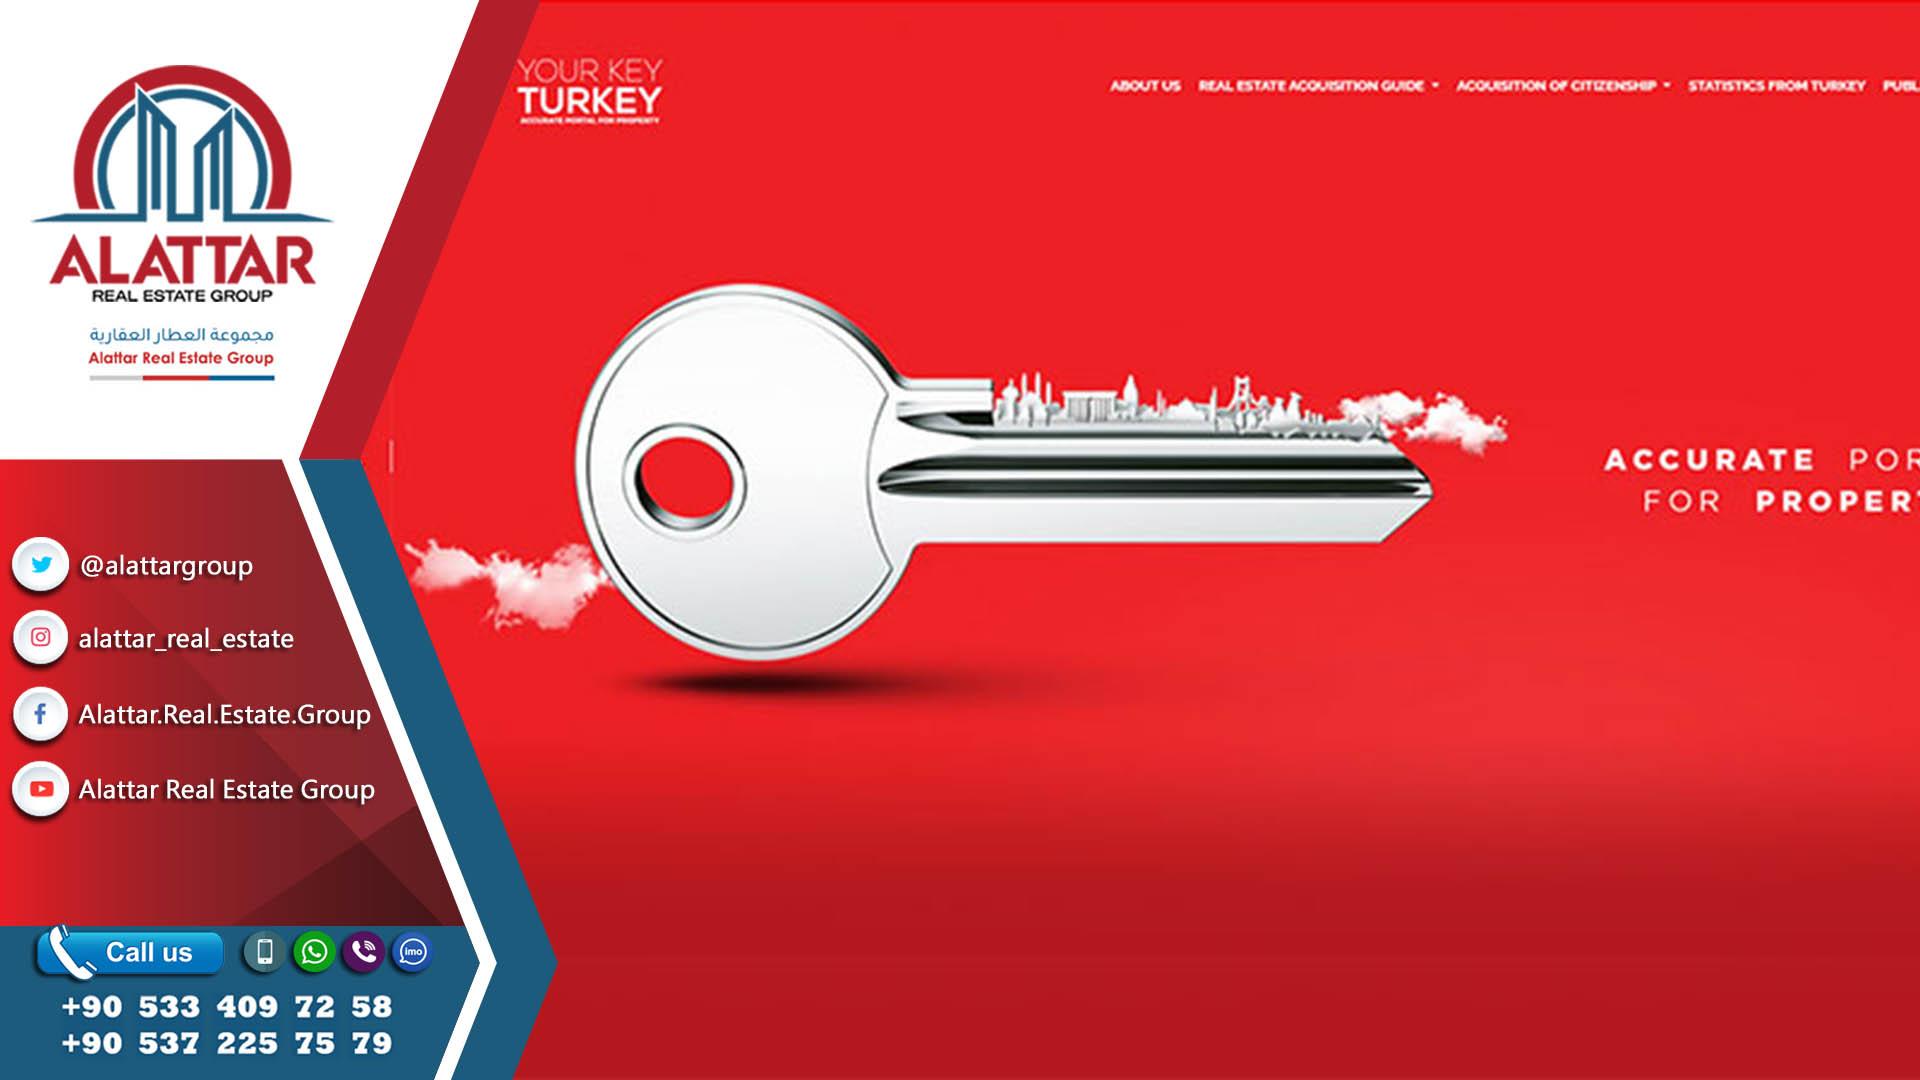 """""""مفتاحك تركيا"""".. بوابة إلكترونية رسمية لكافة الاستشارات العقارية الخاصة بالأجانب"""